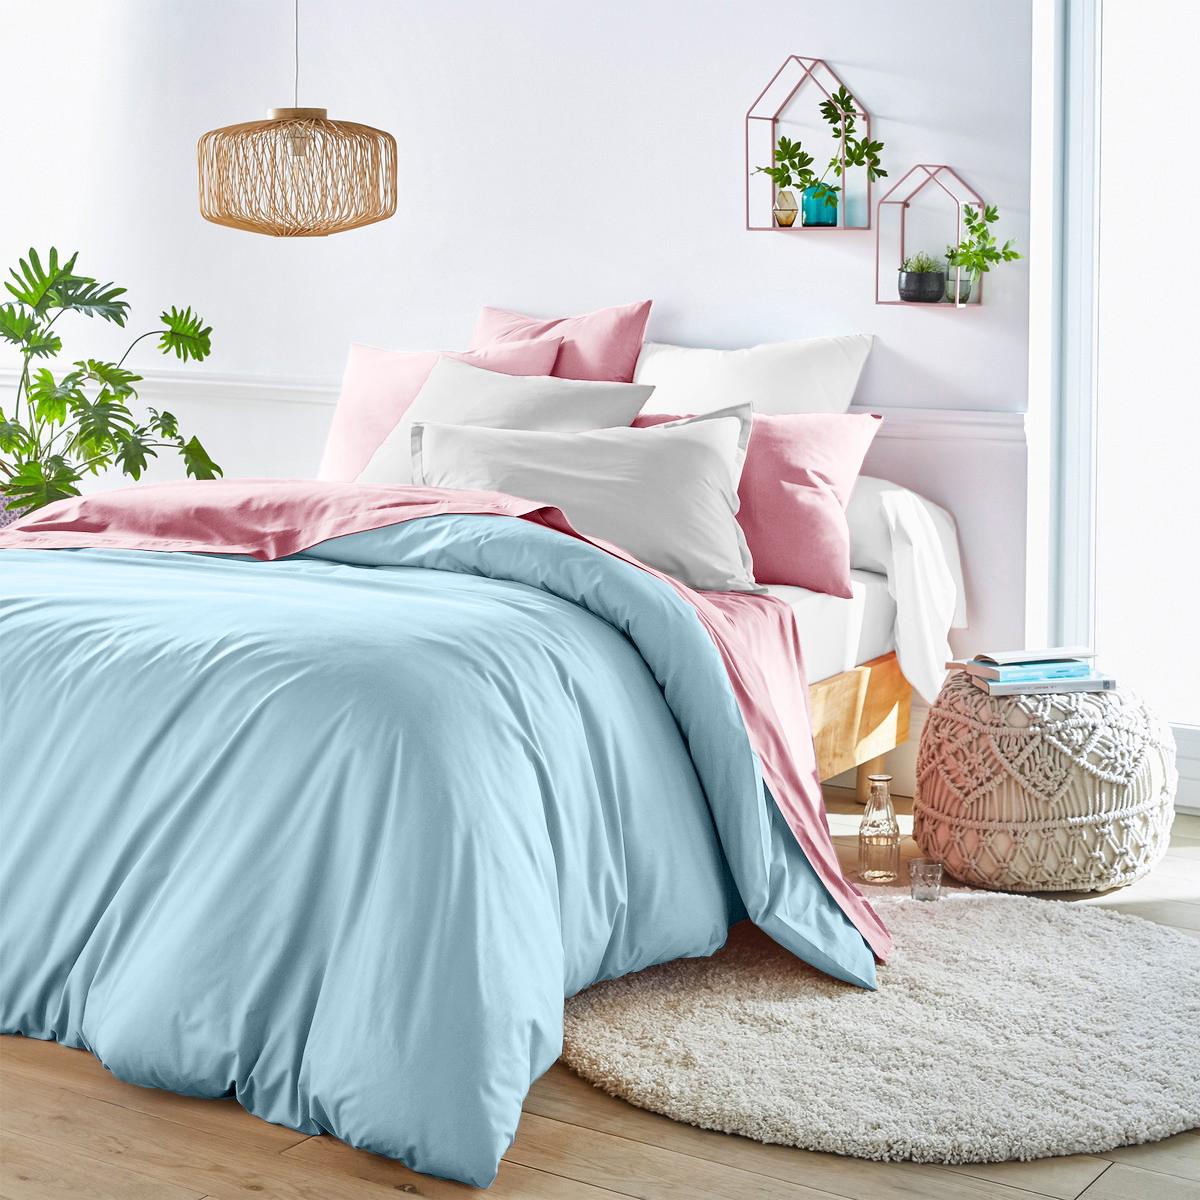 Купить Комплекты постельного белья Dome, Пододеяльник Aerlight Цвет: Голубой (200х215 см), Дания, Хлопковый сатин